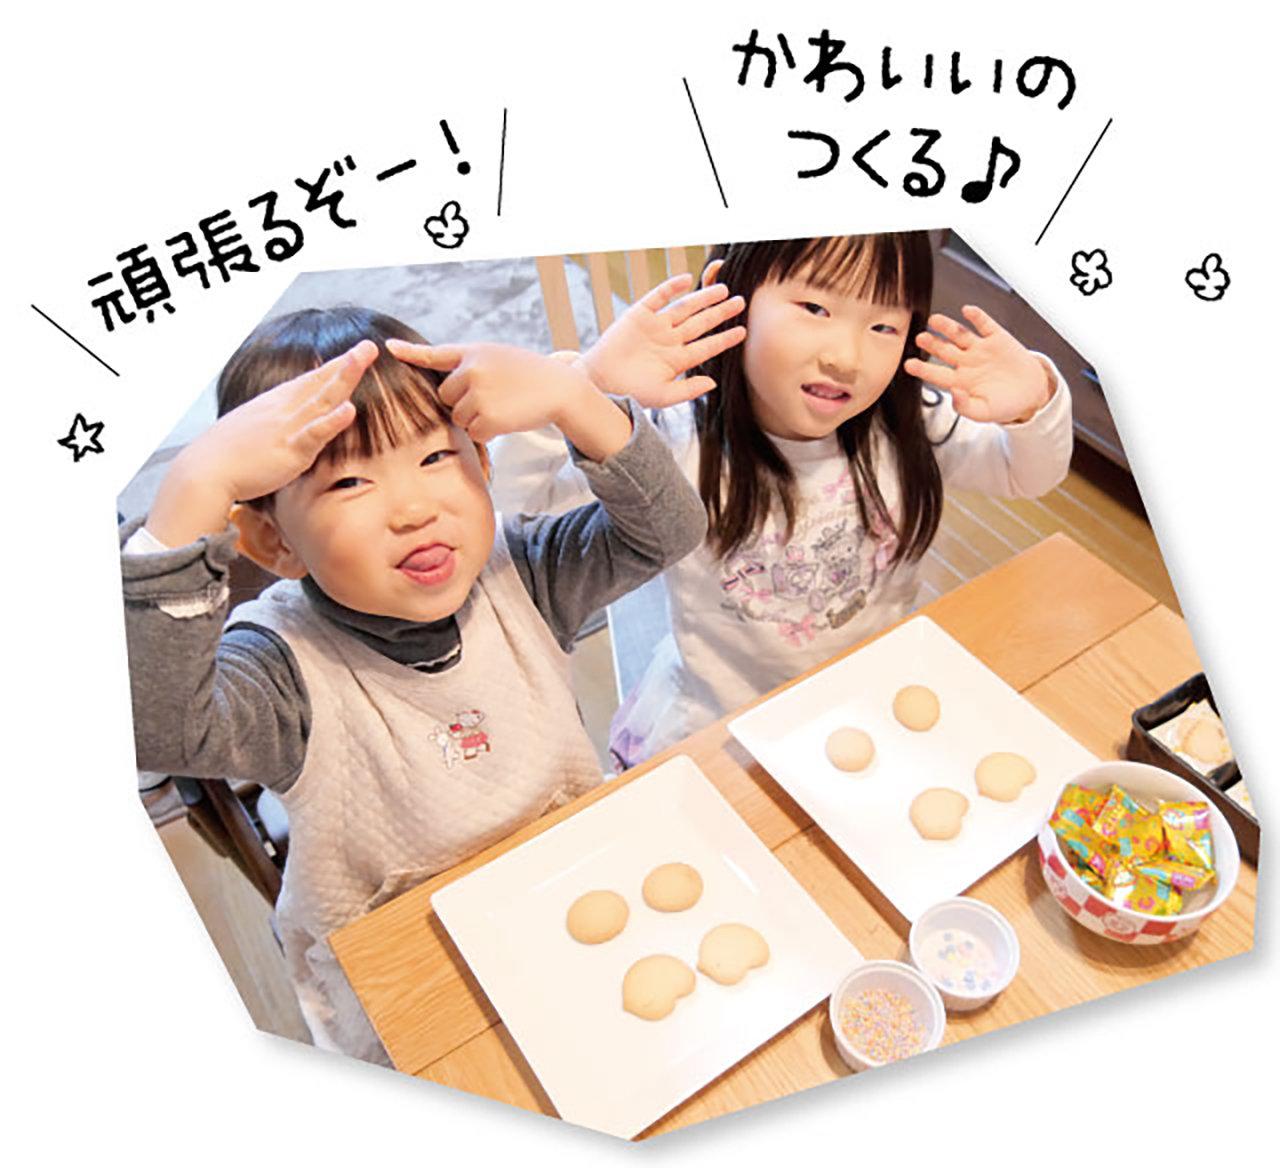 一緒にチャレンジしてくれたのは、福岡市の組合員・鶴丸さんのお子さん(4歳・6歳)。